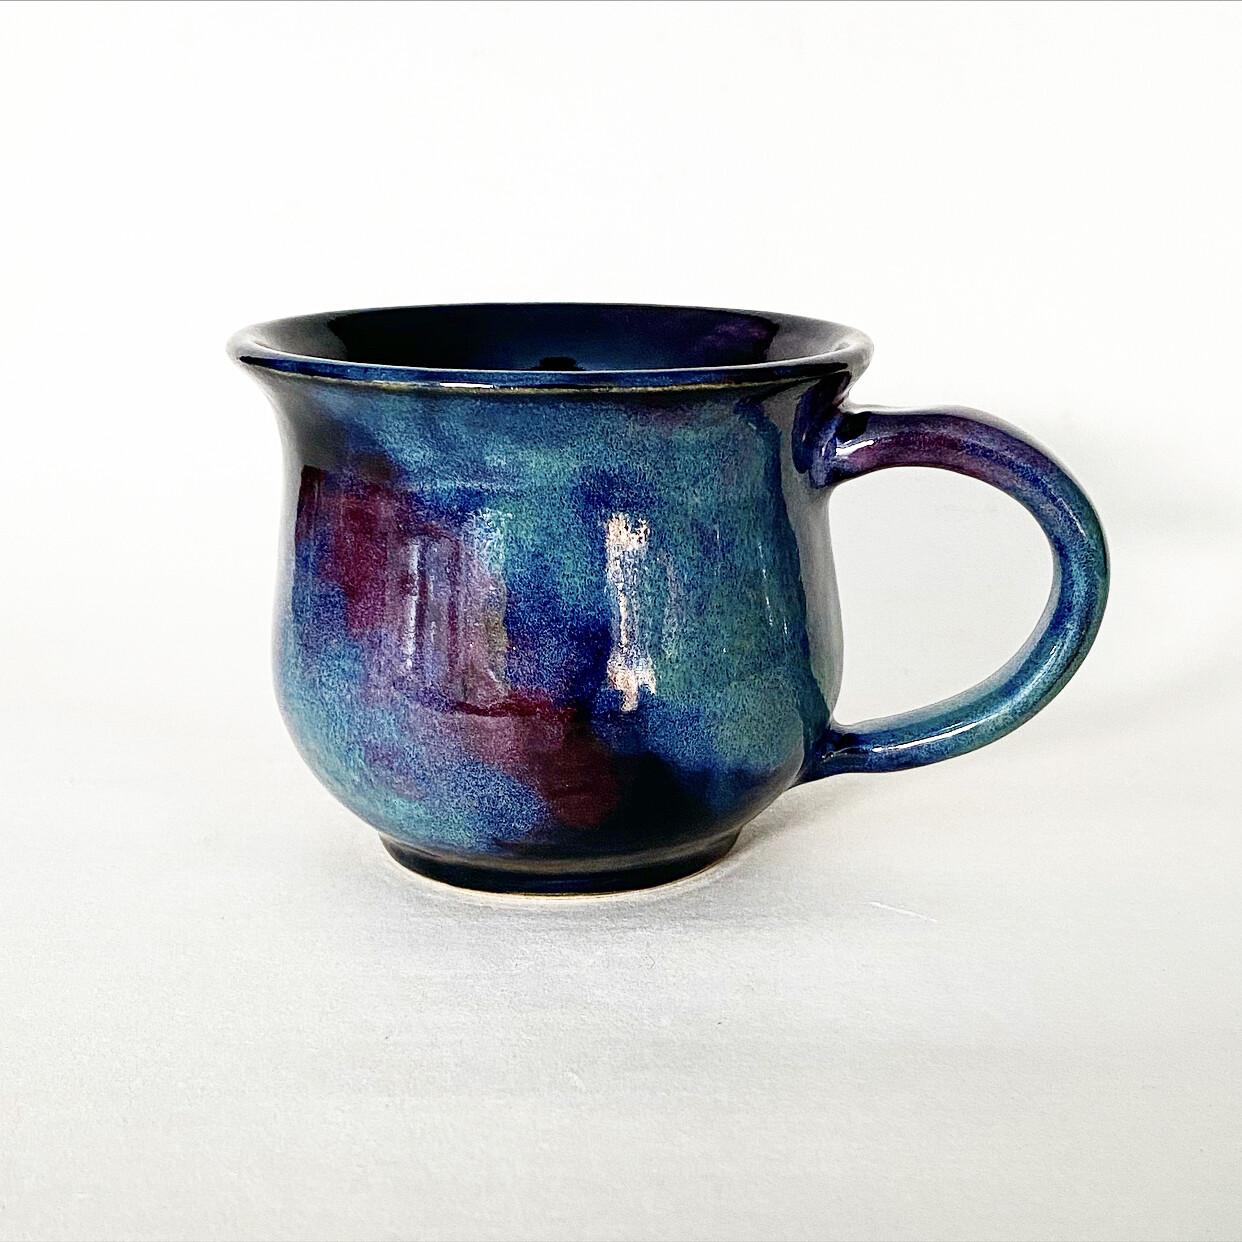 16oz Northern Lights Mug